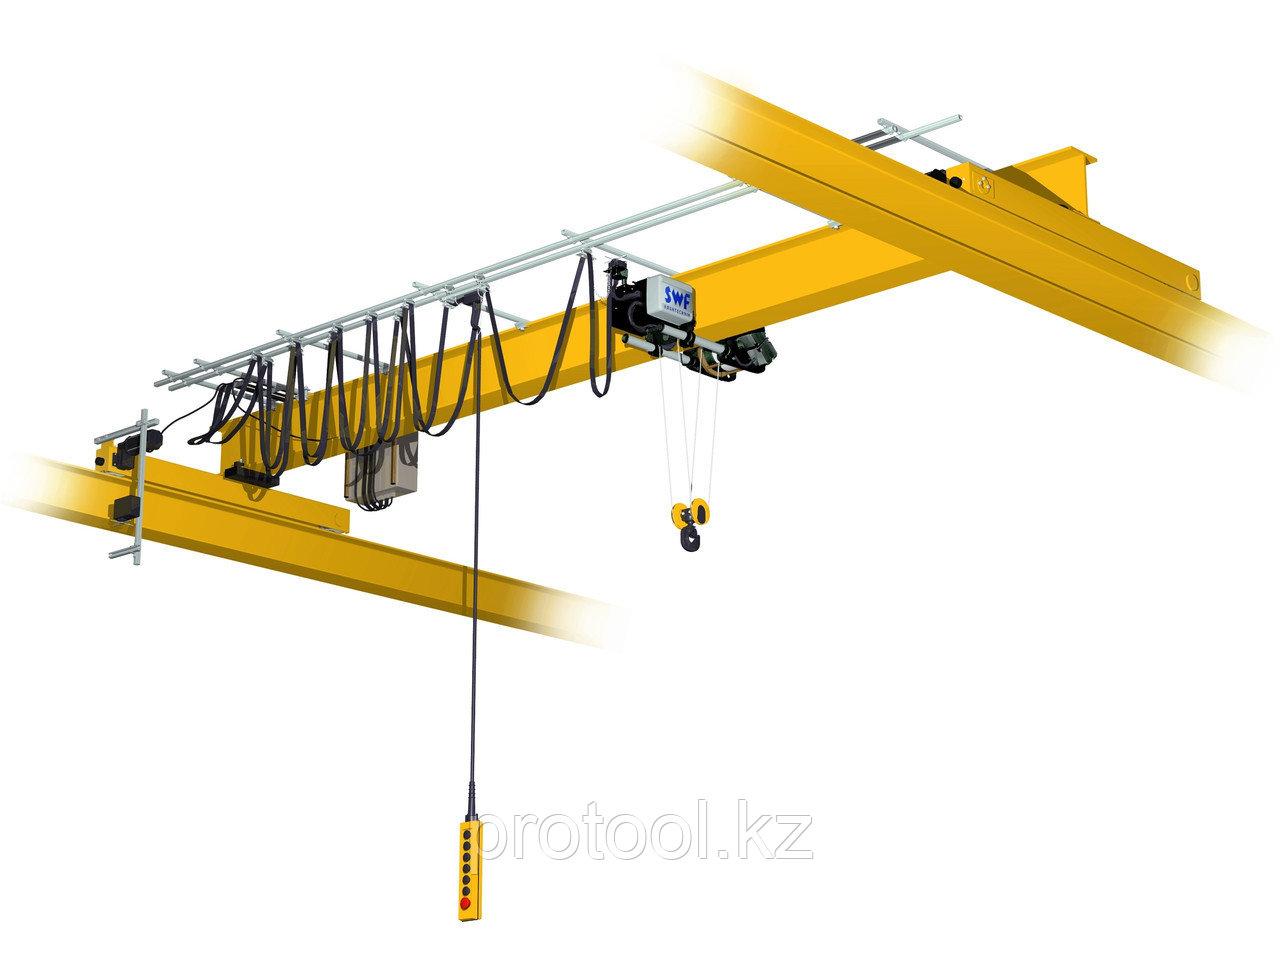 Кран мостовой однобалочный опорный однопролётный г/п 2 т пролет 7,5 м